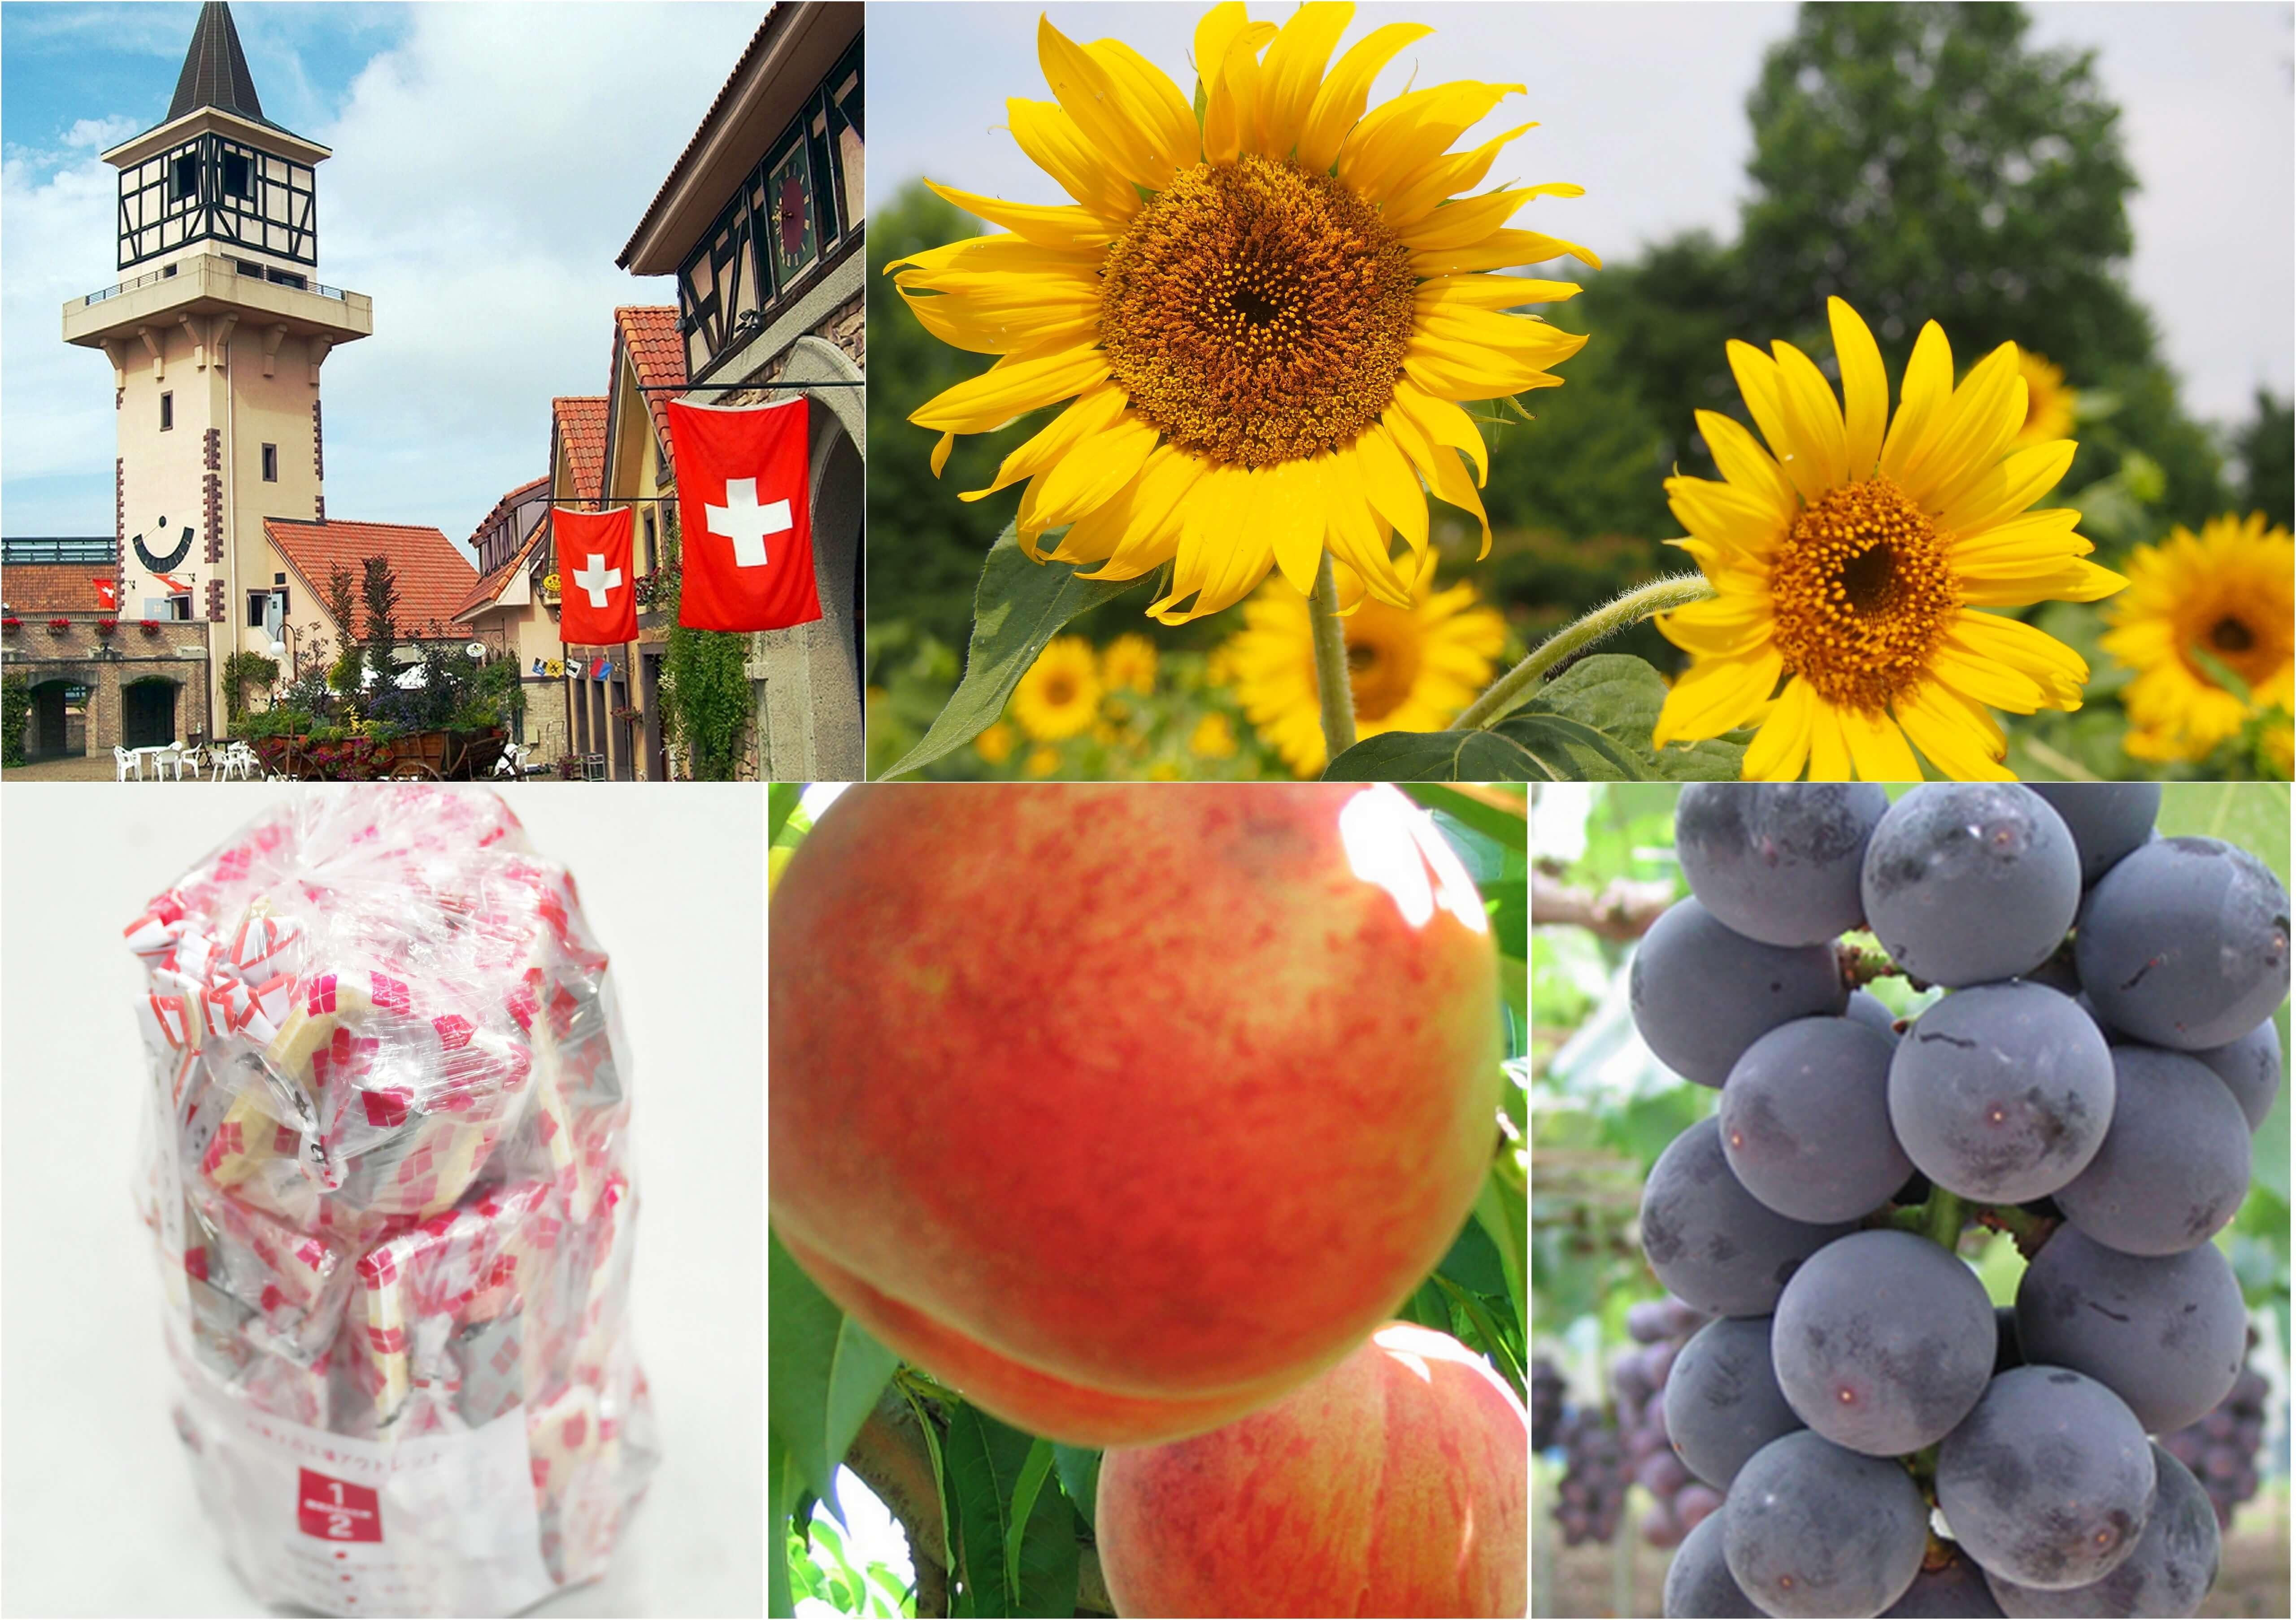 夏の花咲くハイジの村&ハーブ庭園散策!《大人気》桔梗信玄餅の詰め放題に旬のフルーツ狩りも楽しもう!